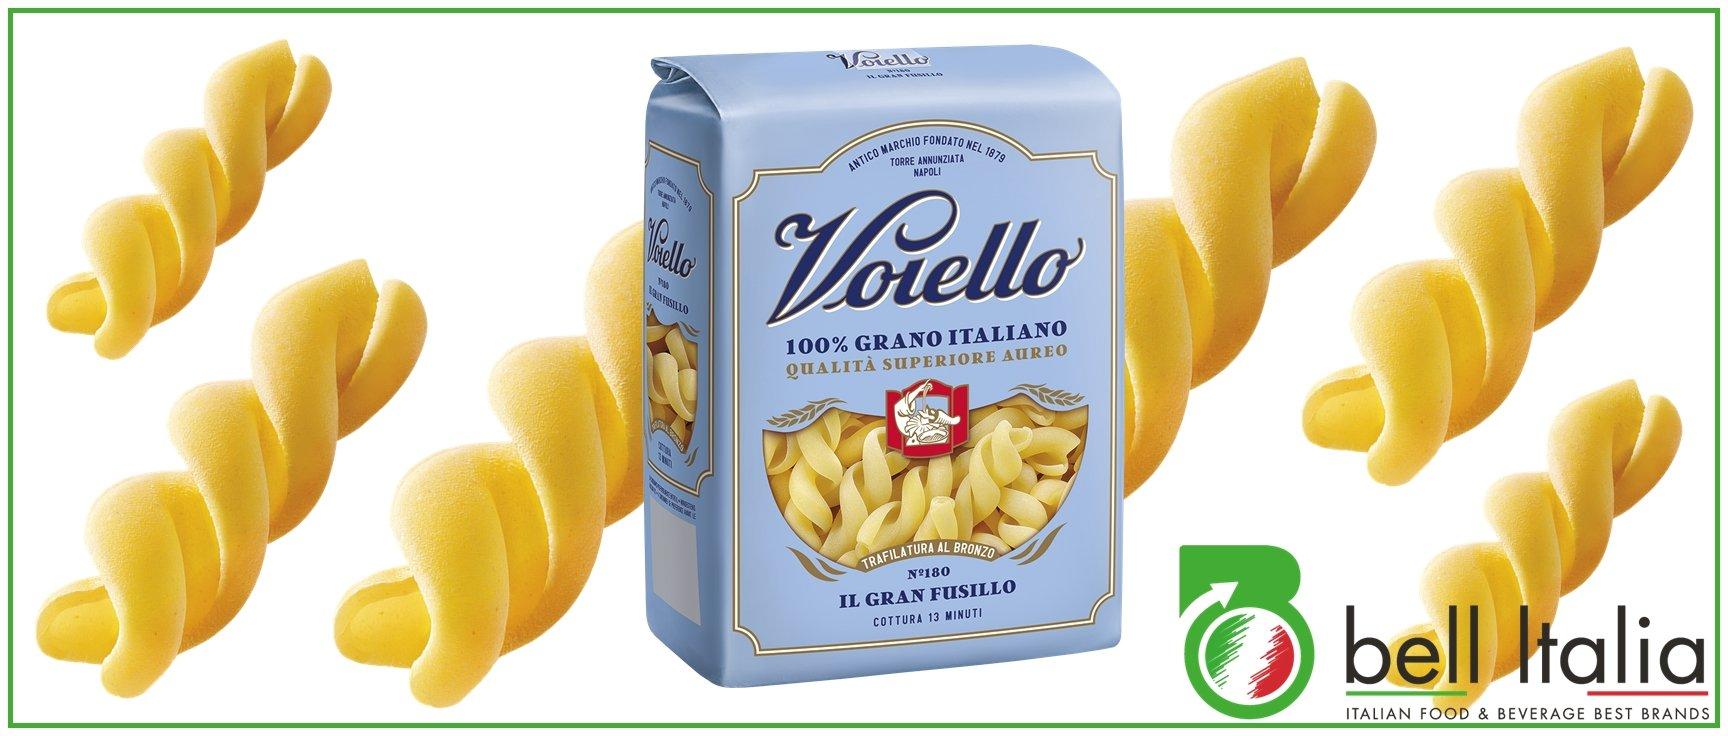 Pasta italiana per stupire - Voiello